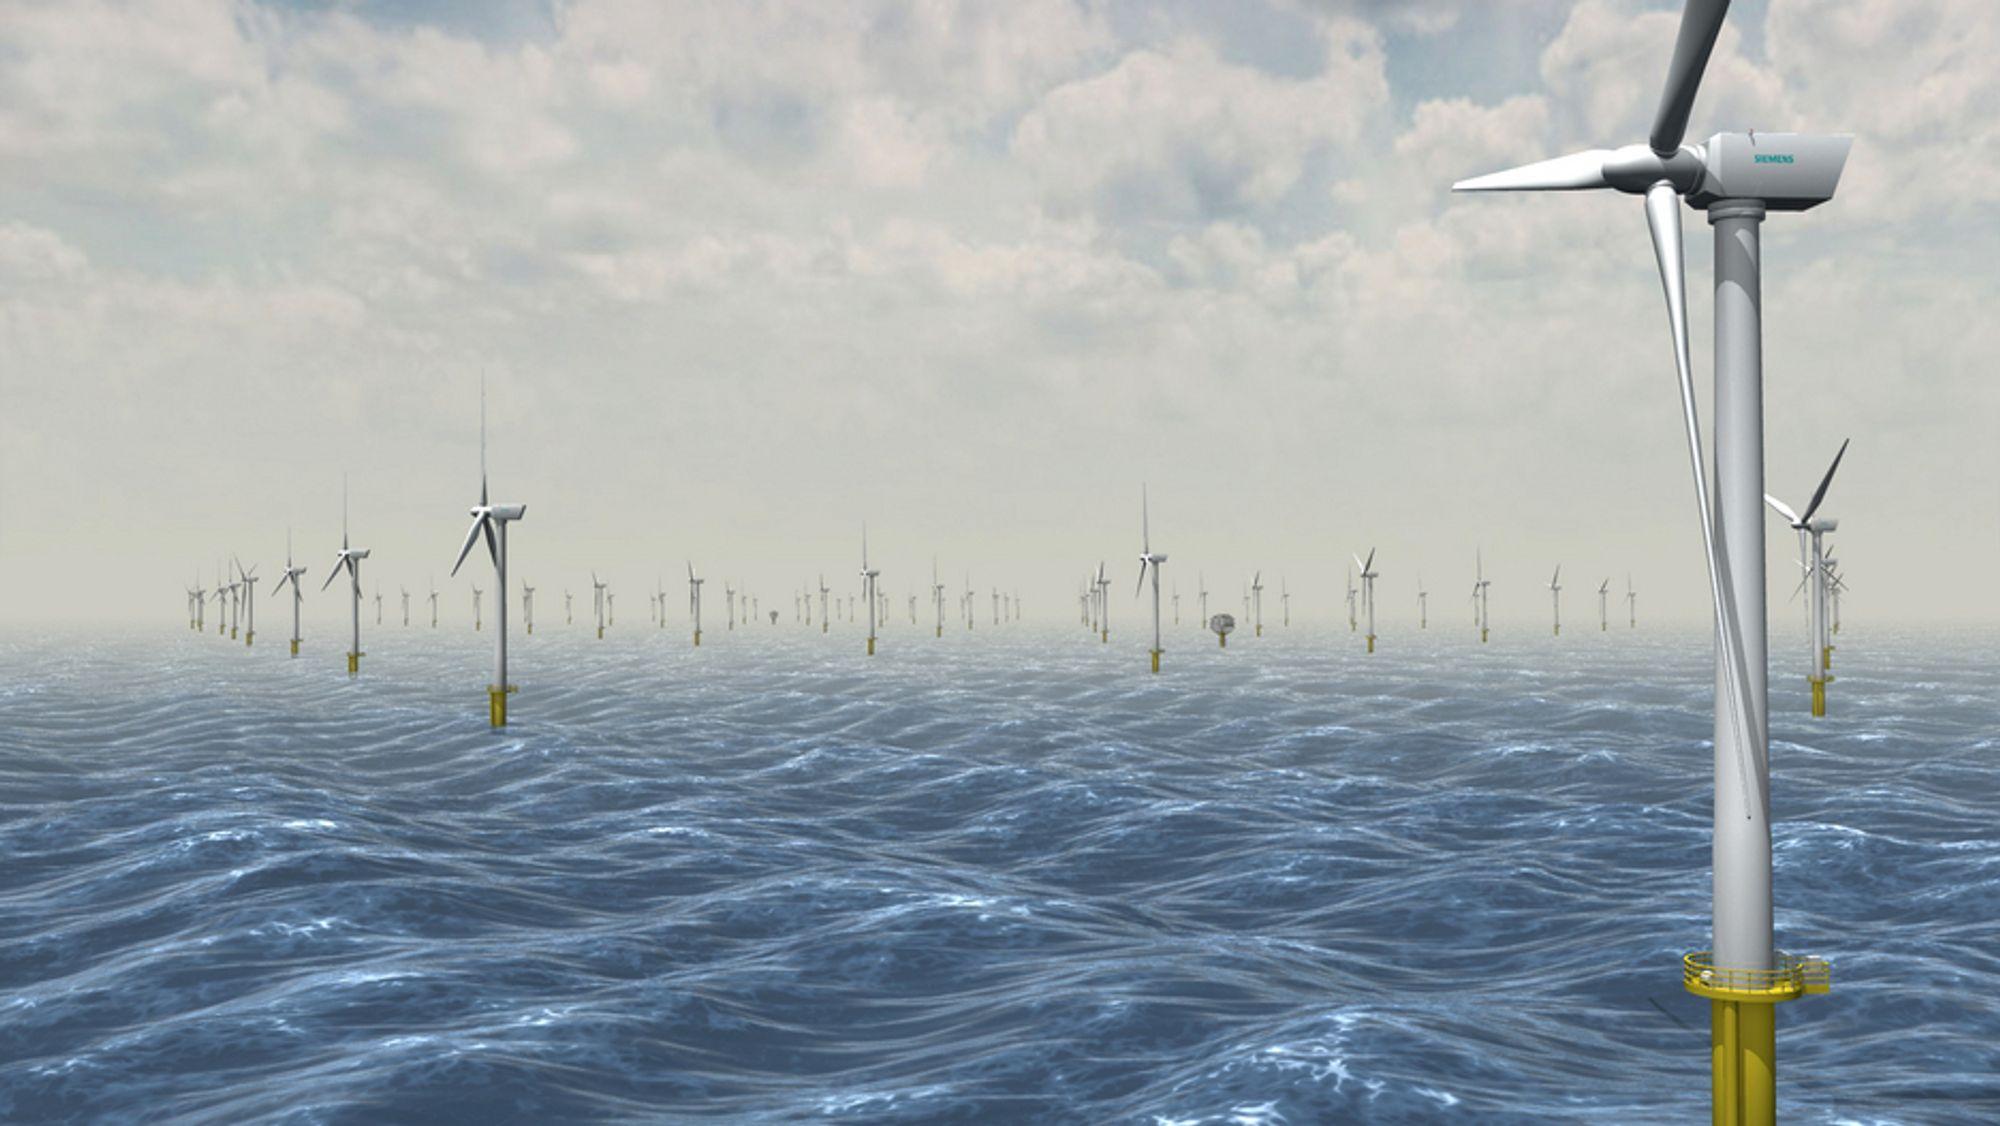 FORNYBAR KRAFT: Statkraft får 14 milliarder i økt egenkapital fra staten. Pengene skal ikke brukes til kull- og atomkraft, men fornybar energi, understreker SV. Her en skisse fra vindparken Sheringham Shoal som er under bygging.